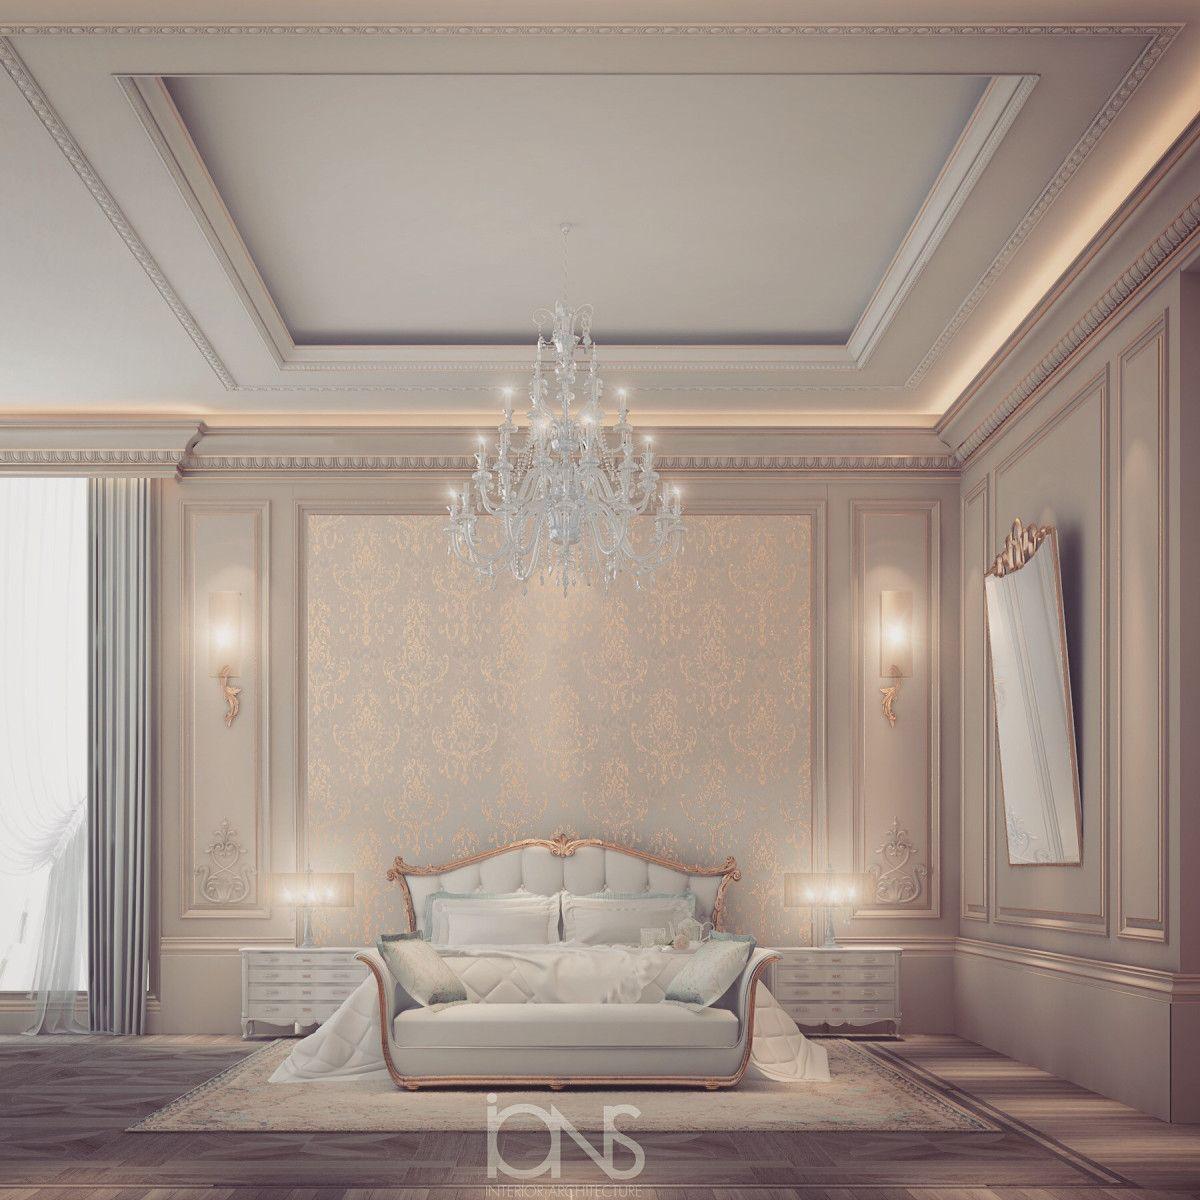 Design An Elegant Bedroom In 5 Easy Steps: Extravagant Yet Pleasingly Simple And Elegant Bedroom